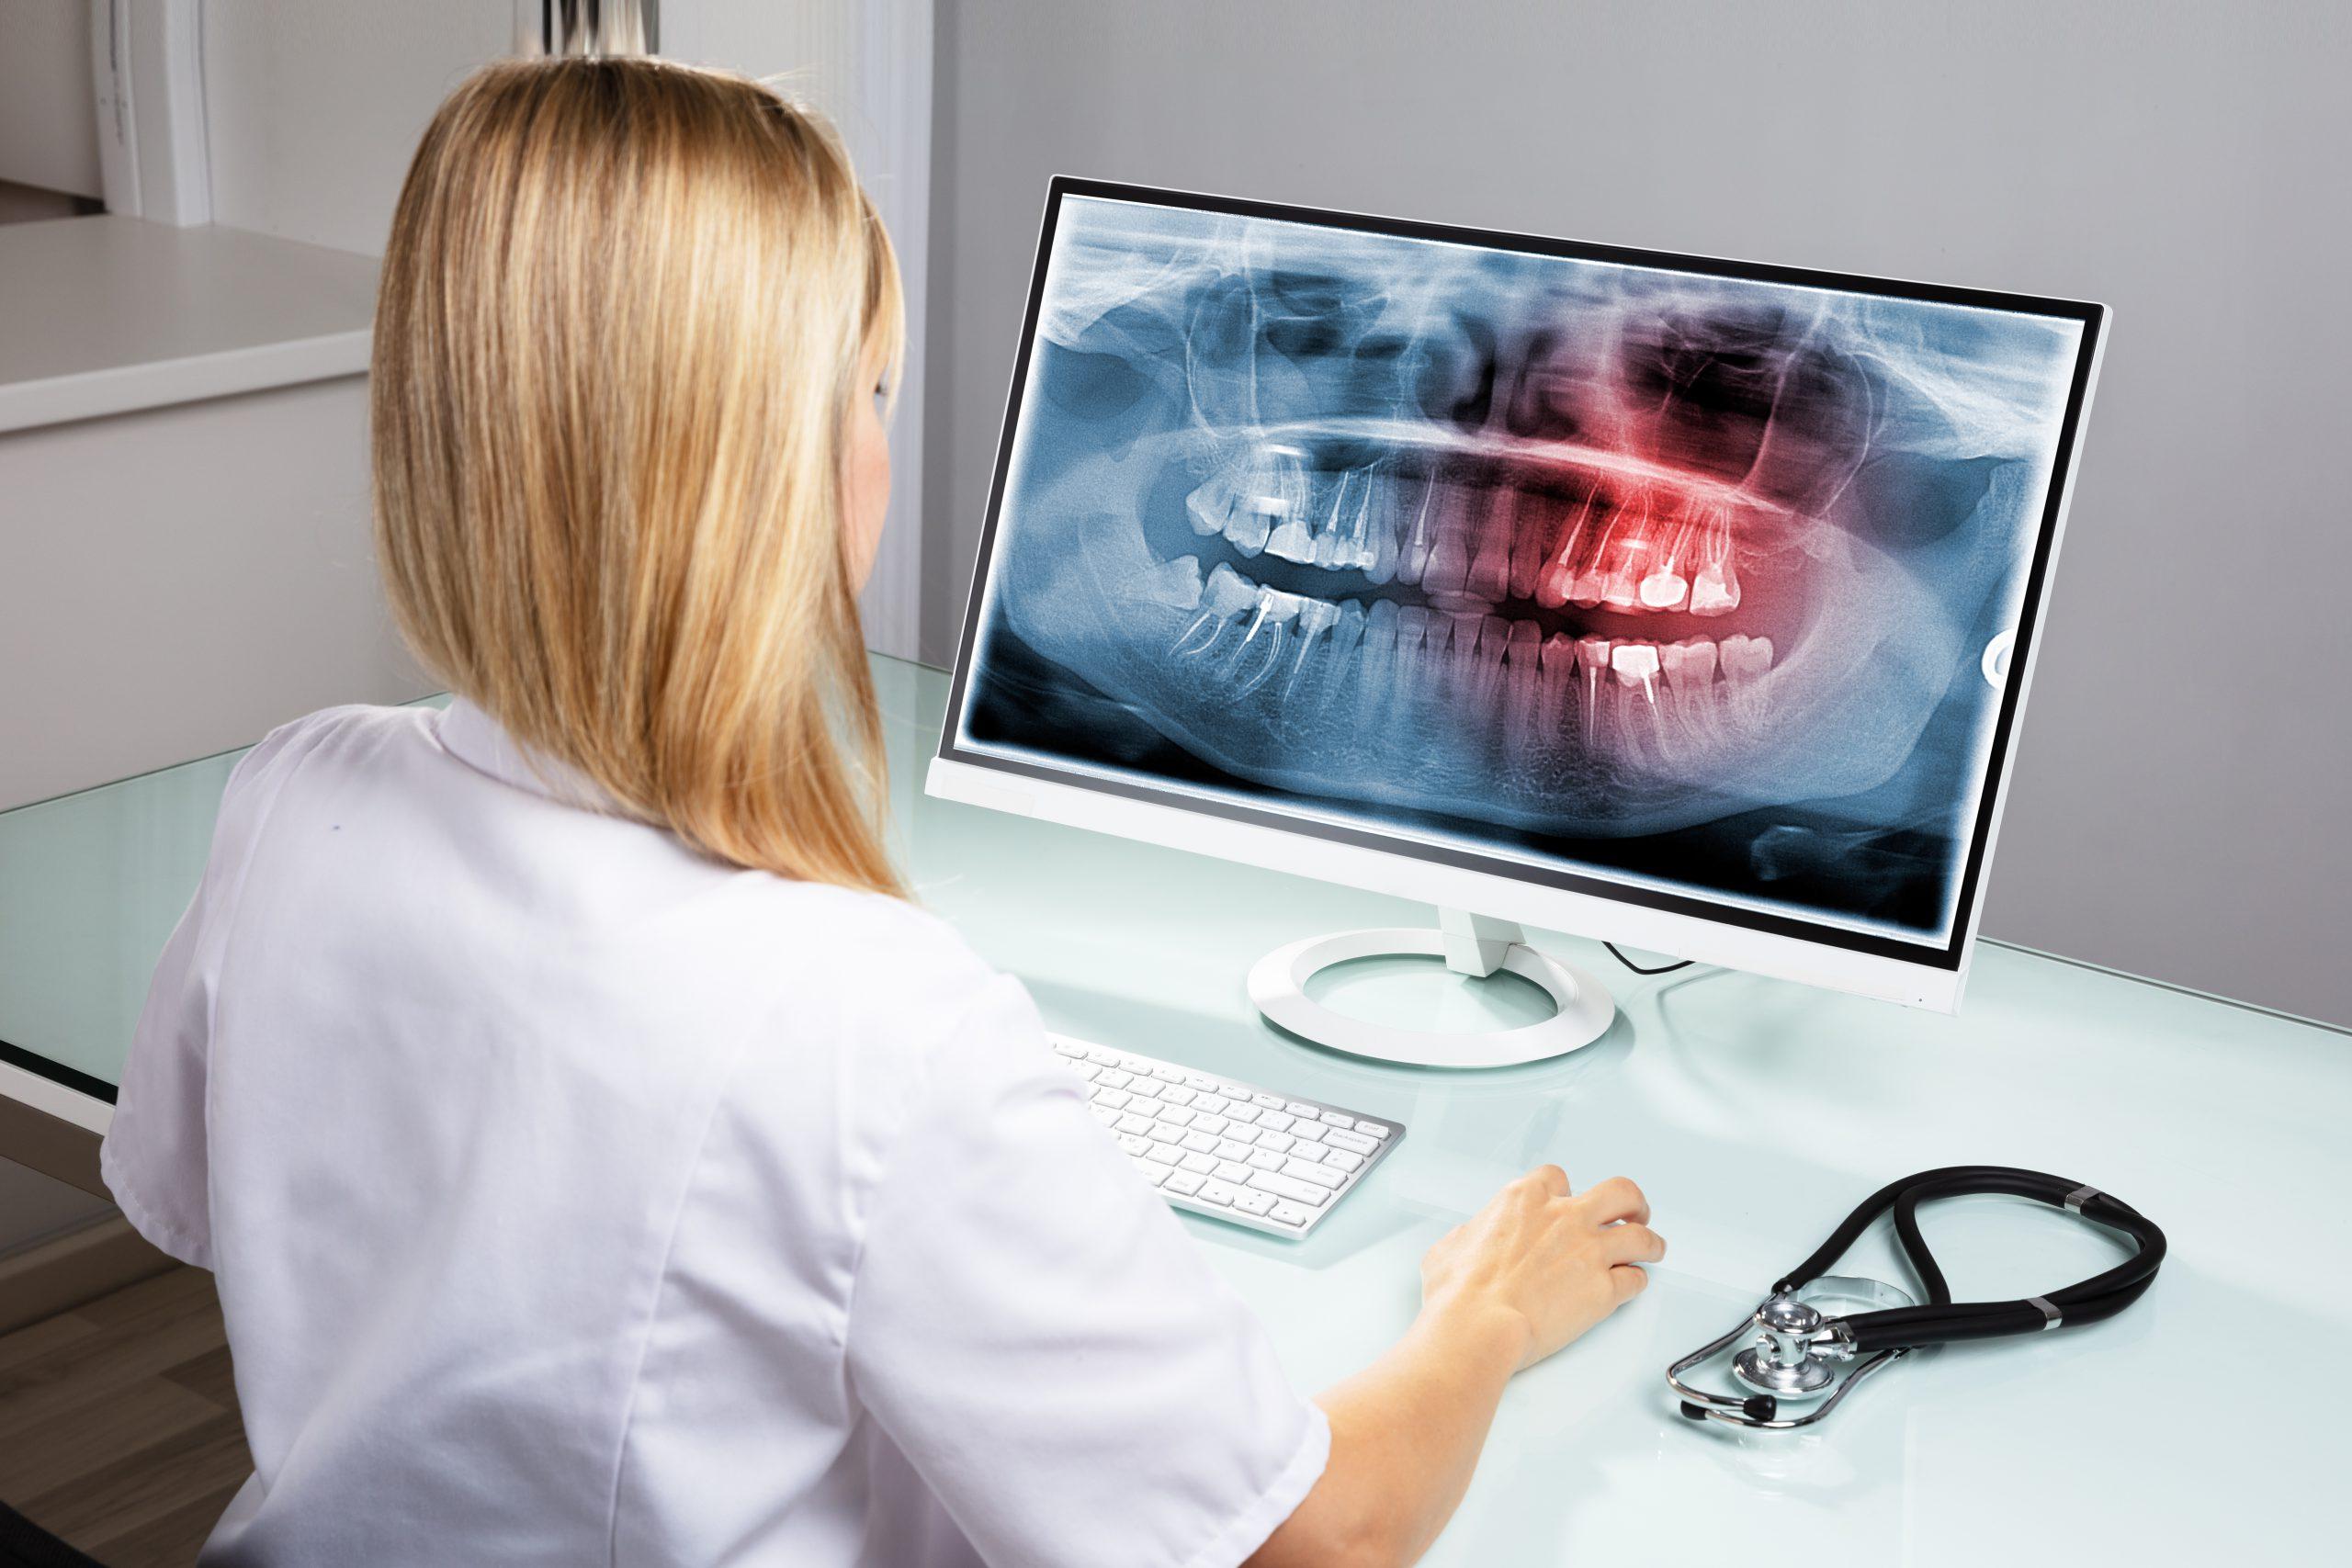 Dentist Examining Teeth X-ray On Computer